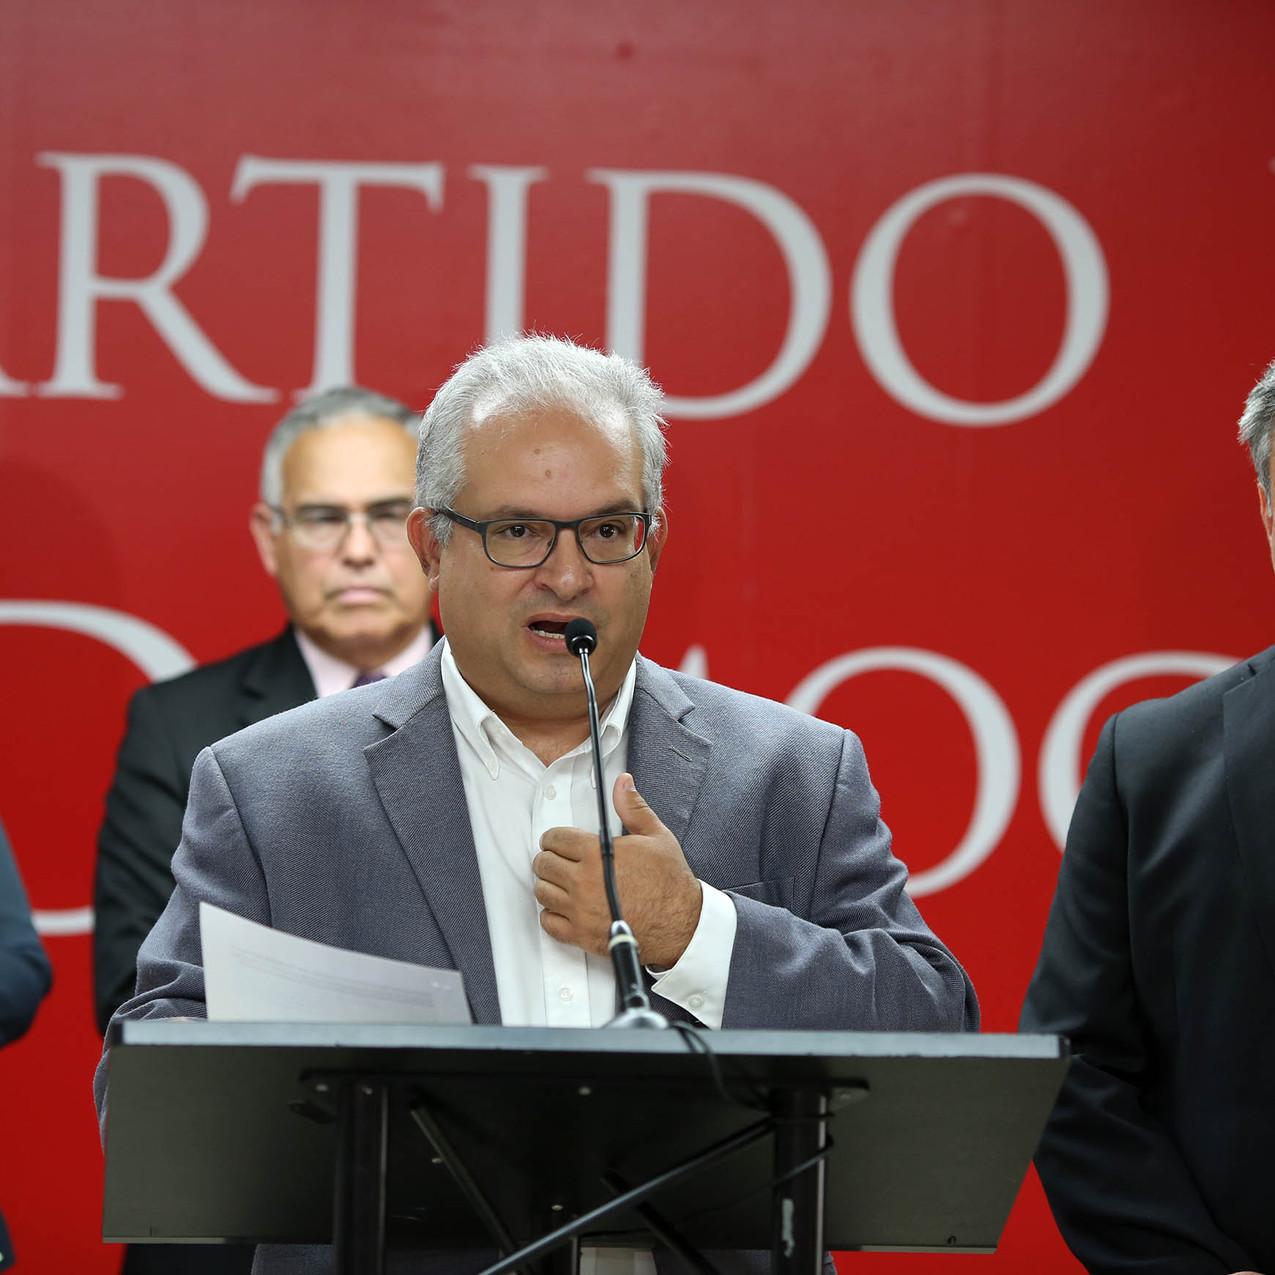 René Arrillaga